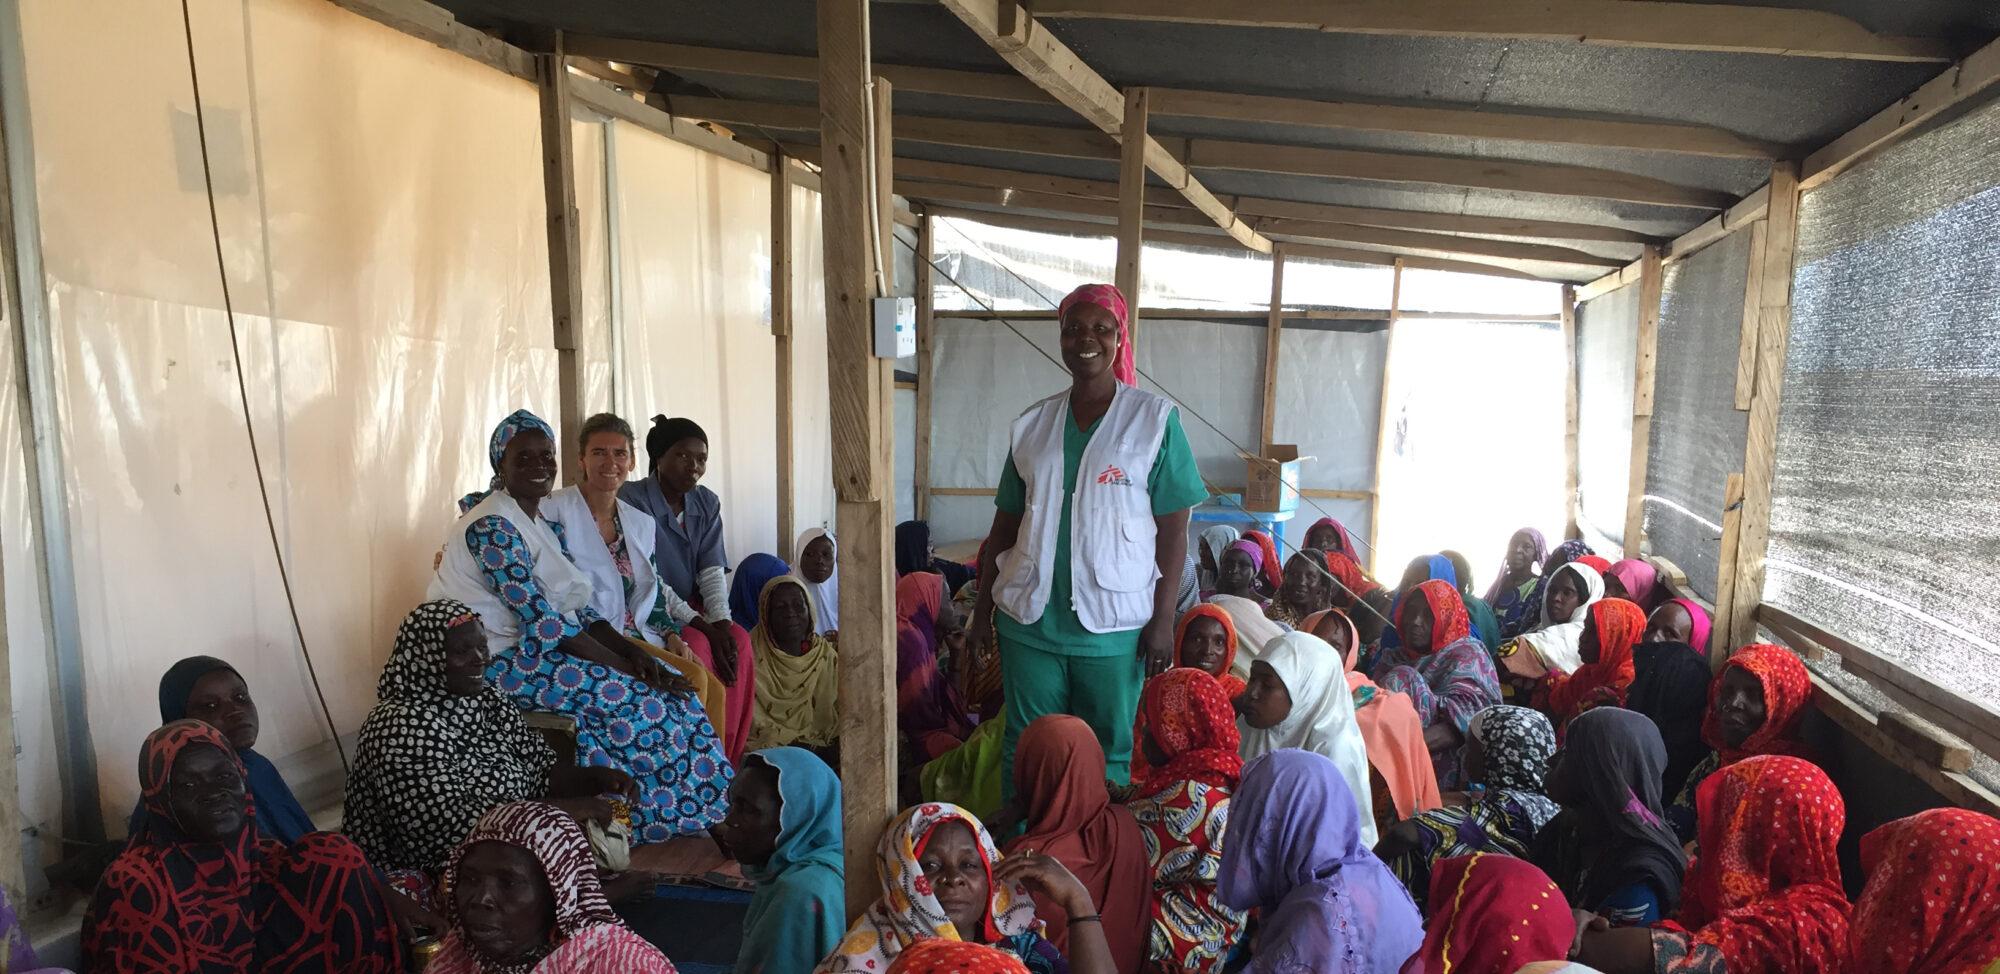 Jordemoder hjælper fordrevne mennesker i Nigeira